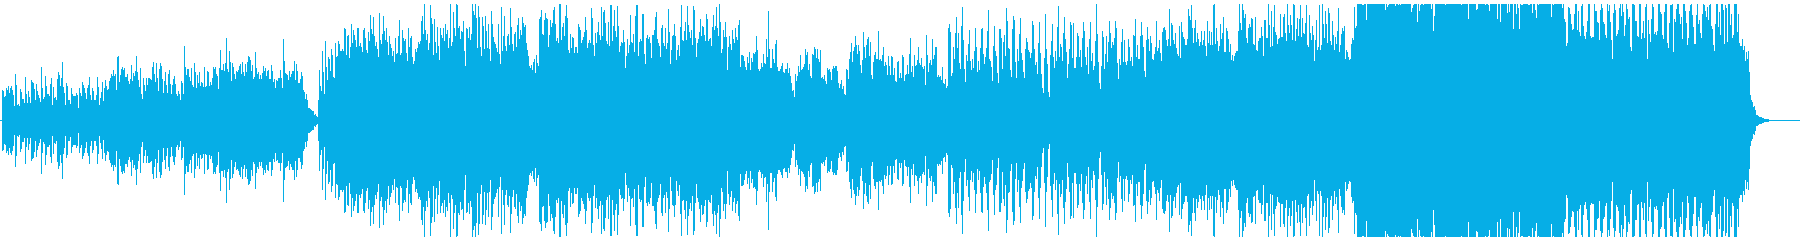 透明感のあるトロピカルポップファンタジーの再生済みの波形